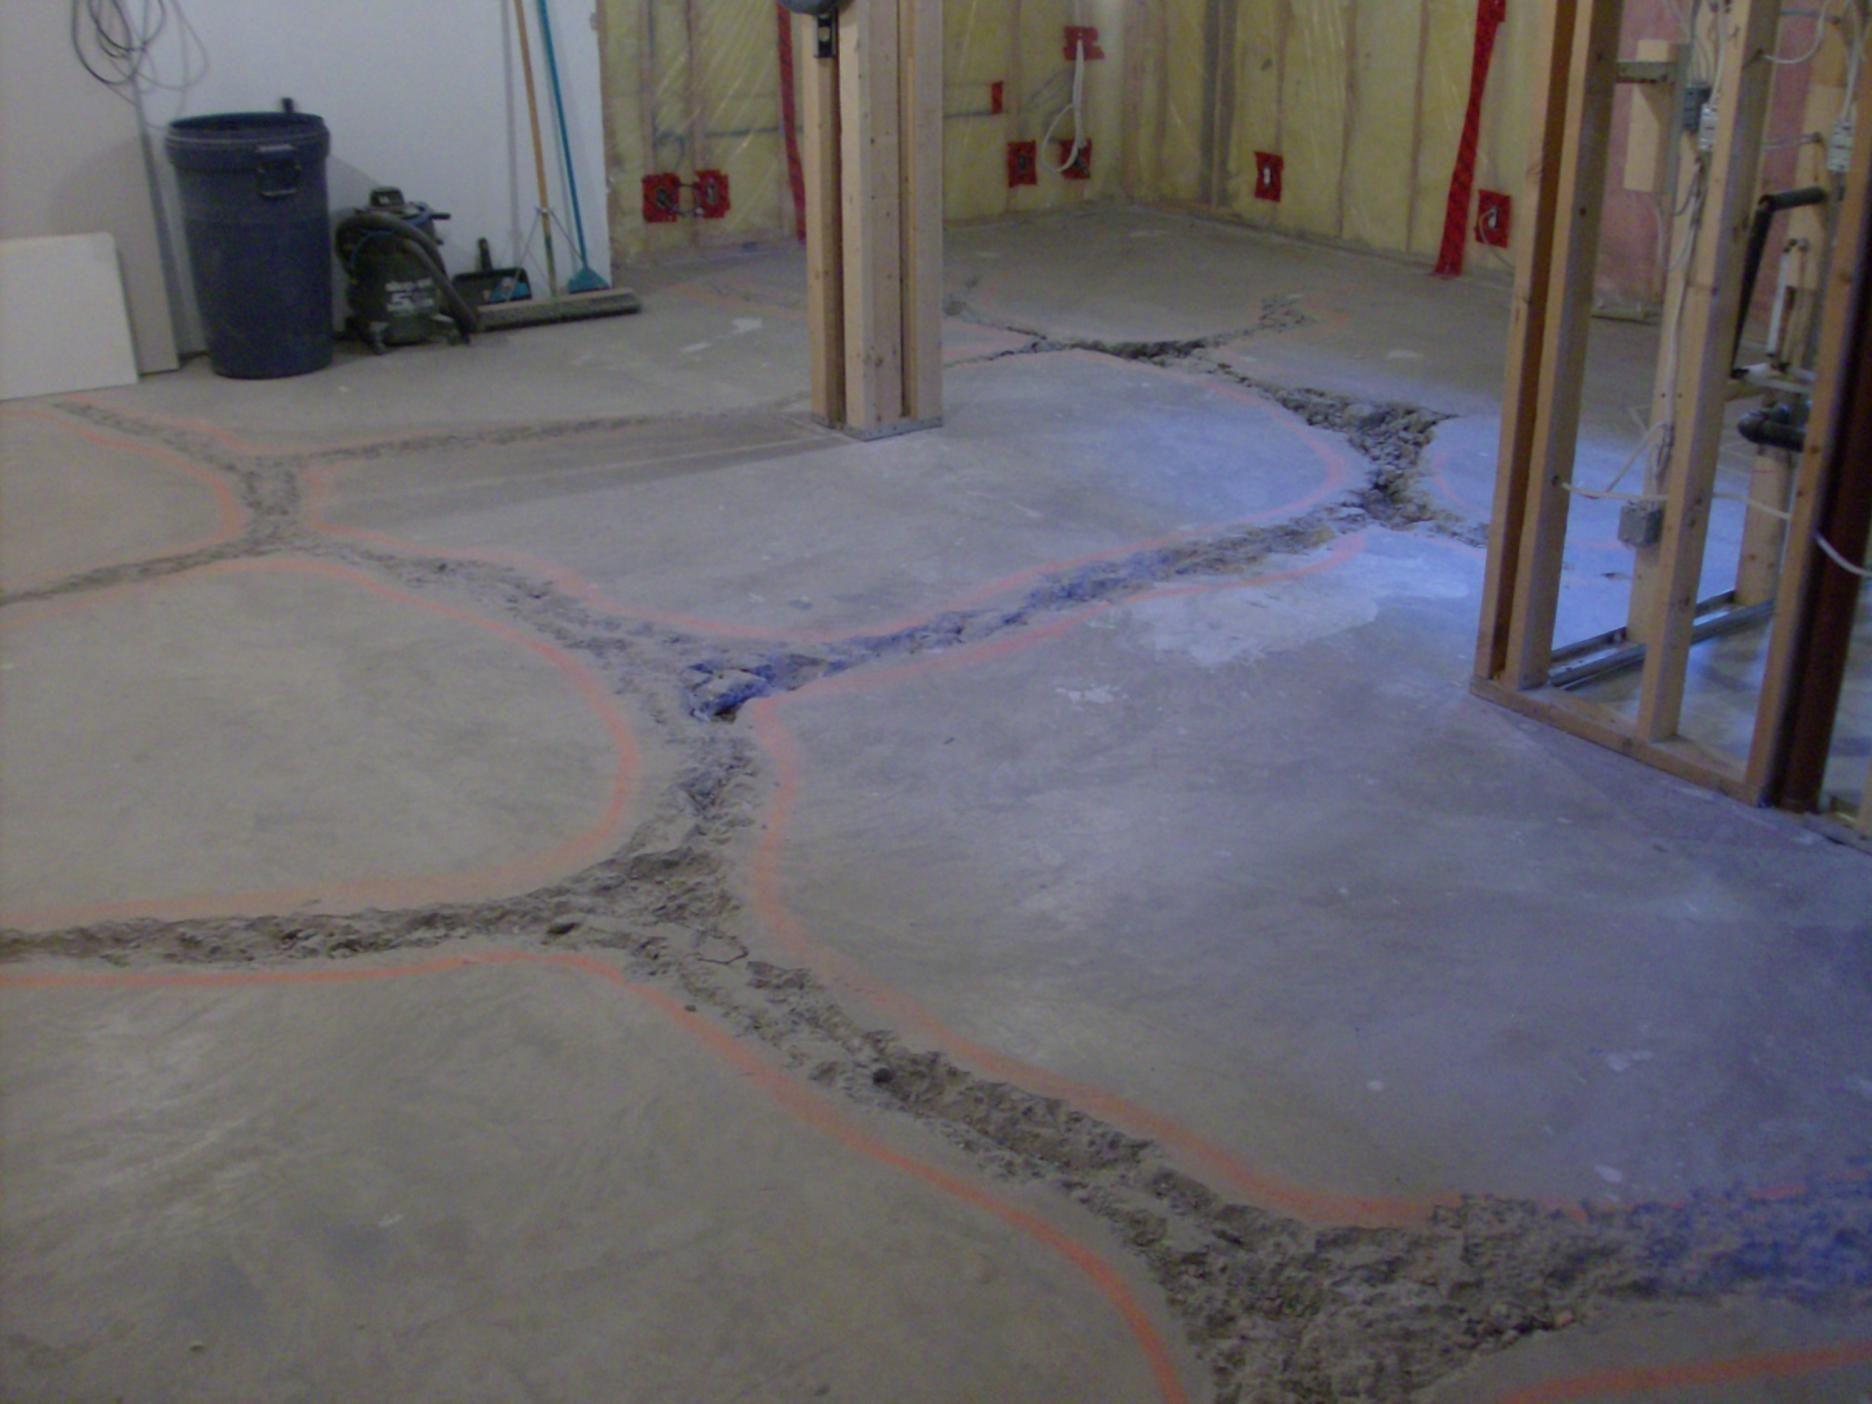 Uneven Basement Floor Home Interior Designer Today - Tiling an uneven basement floor